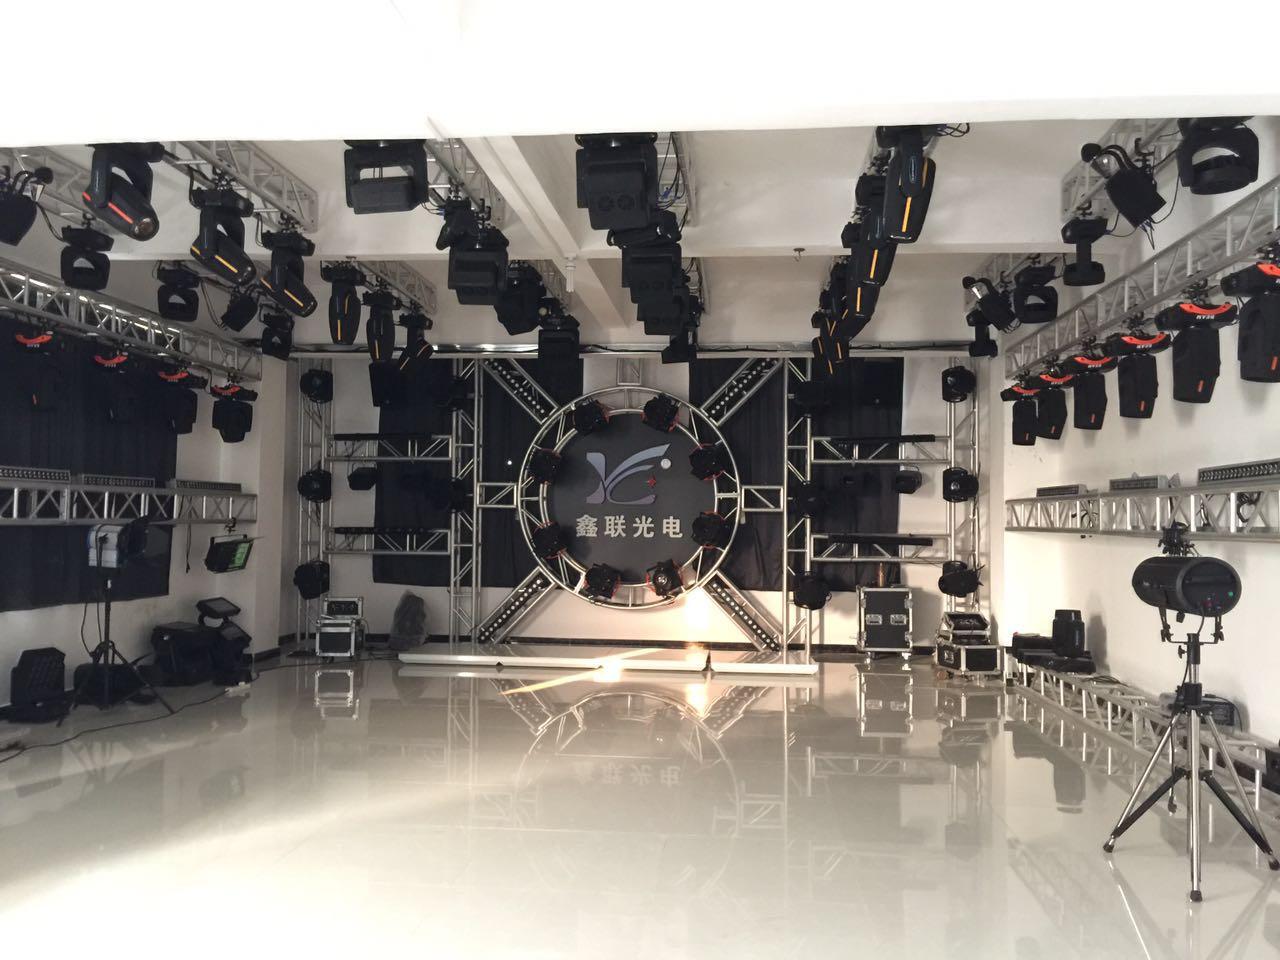 Ánh sáng sân khấu thiết bị 54 cái rgbw led cải cách hành chính ánh sáng 54*3 wát cho chuyên nghiệp led cải cách hành chính